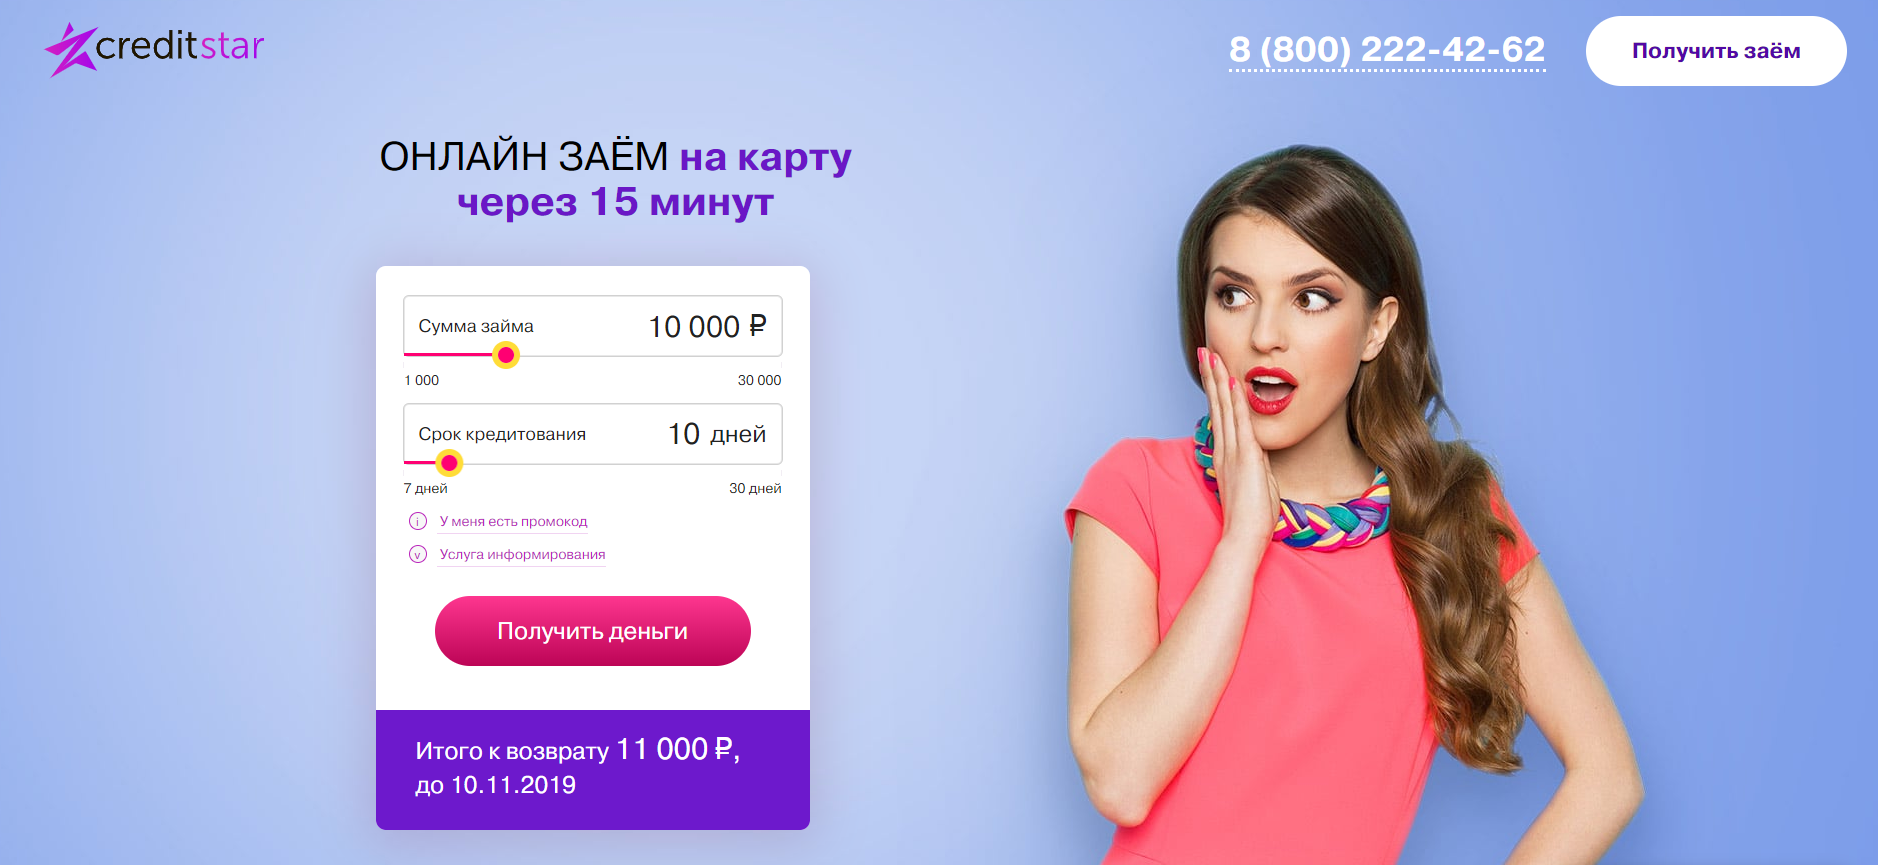 kredit-star-otzyvy_